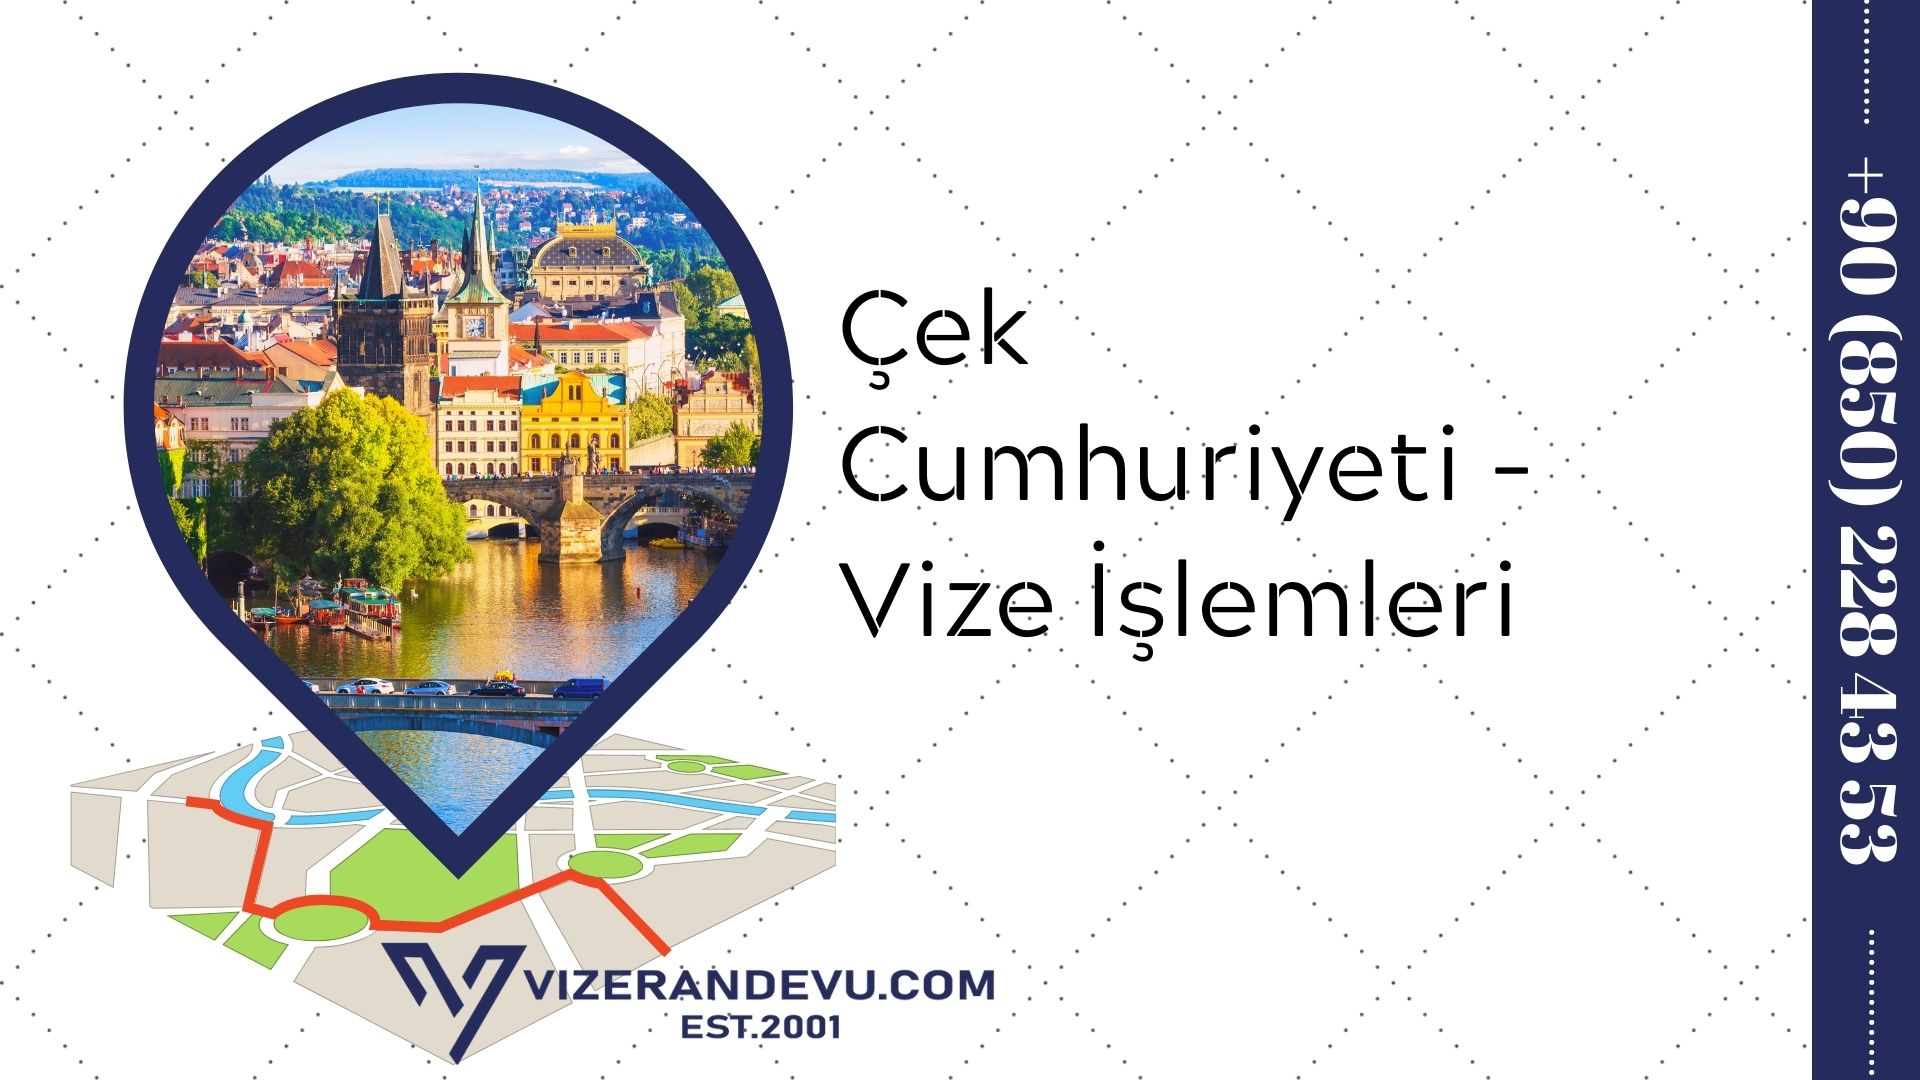 Çek Cumhuriyeti - Vize İşlemleri